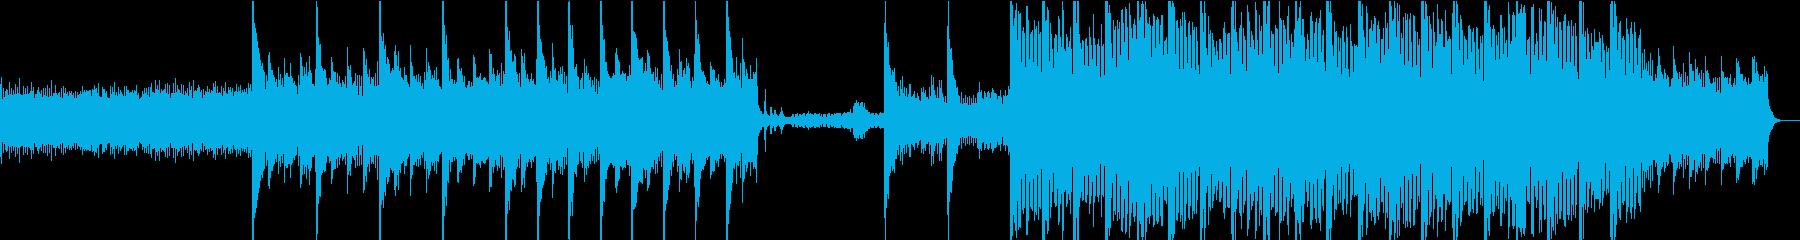 ミステリアスで神秘的なBGMの再生済みの波形